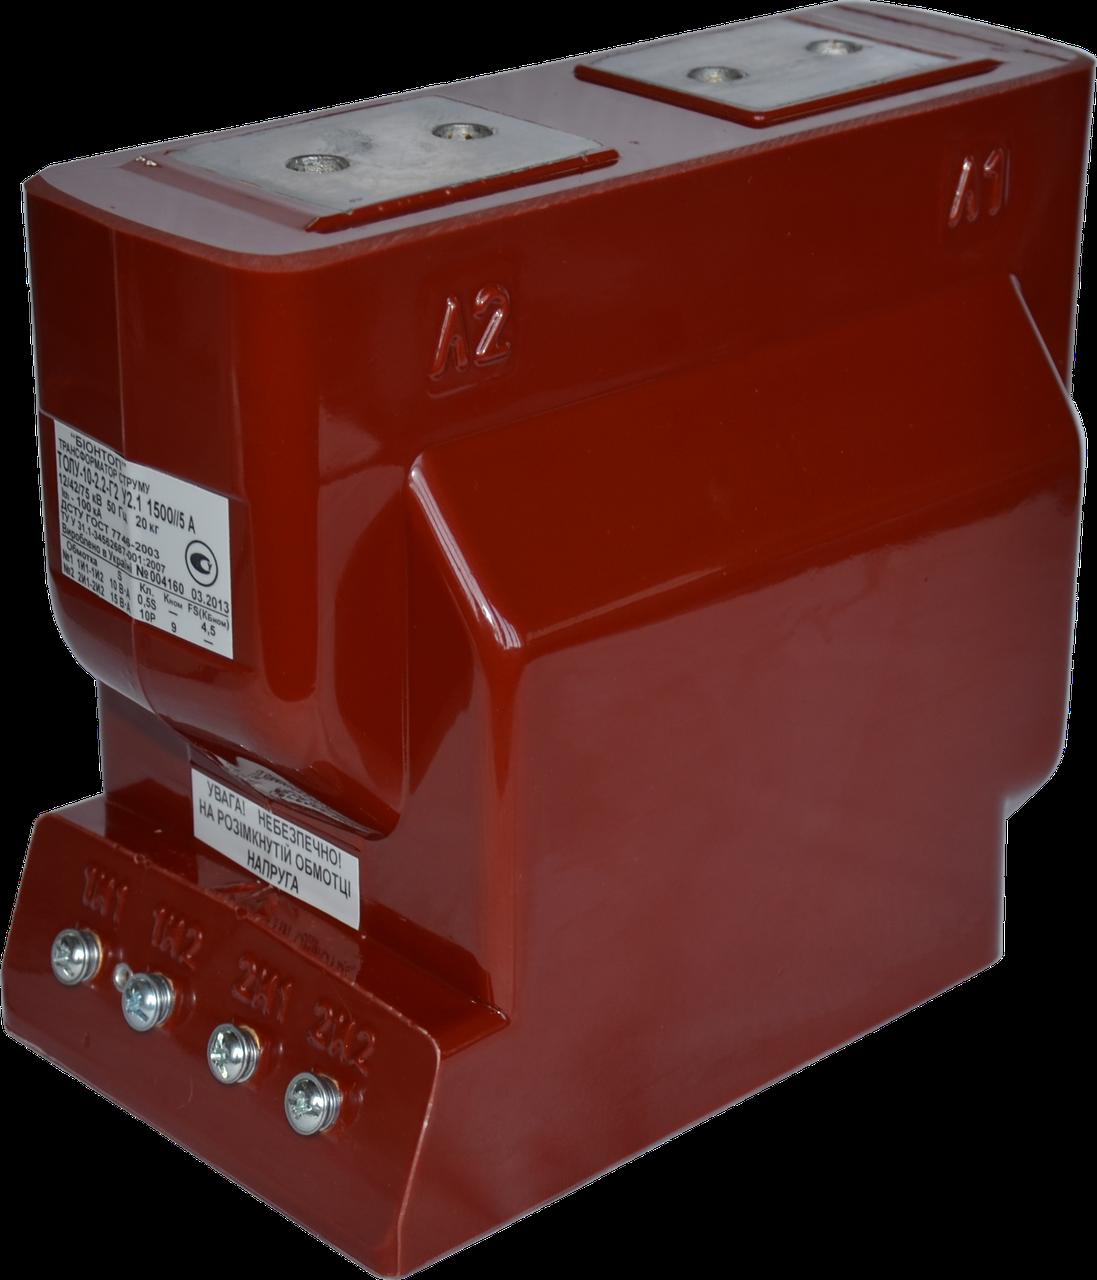 Трансформатор тока ТОЛУ-10-1 600/5